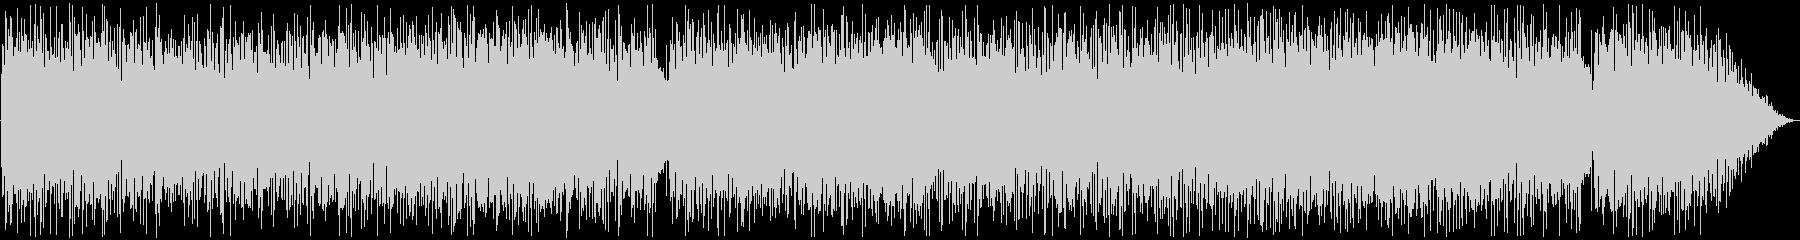 80年代のフュージョンバンド風の未再生の波形